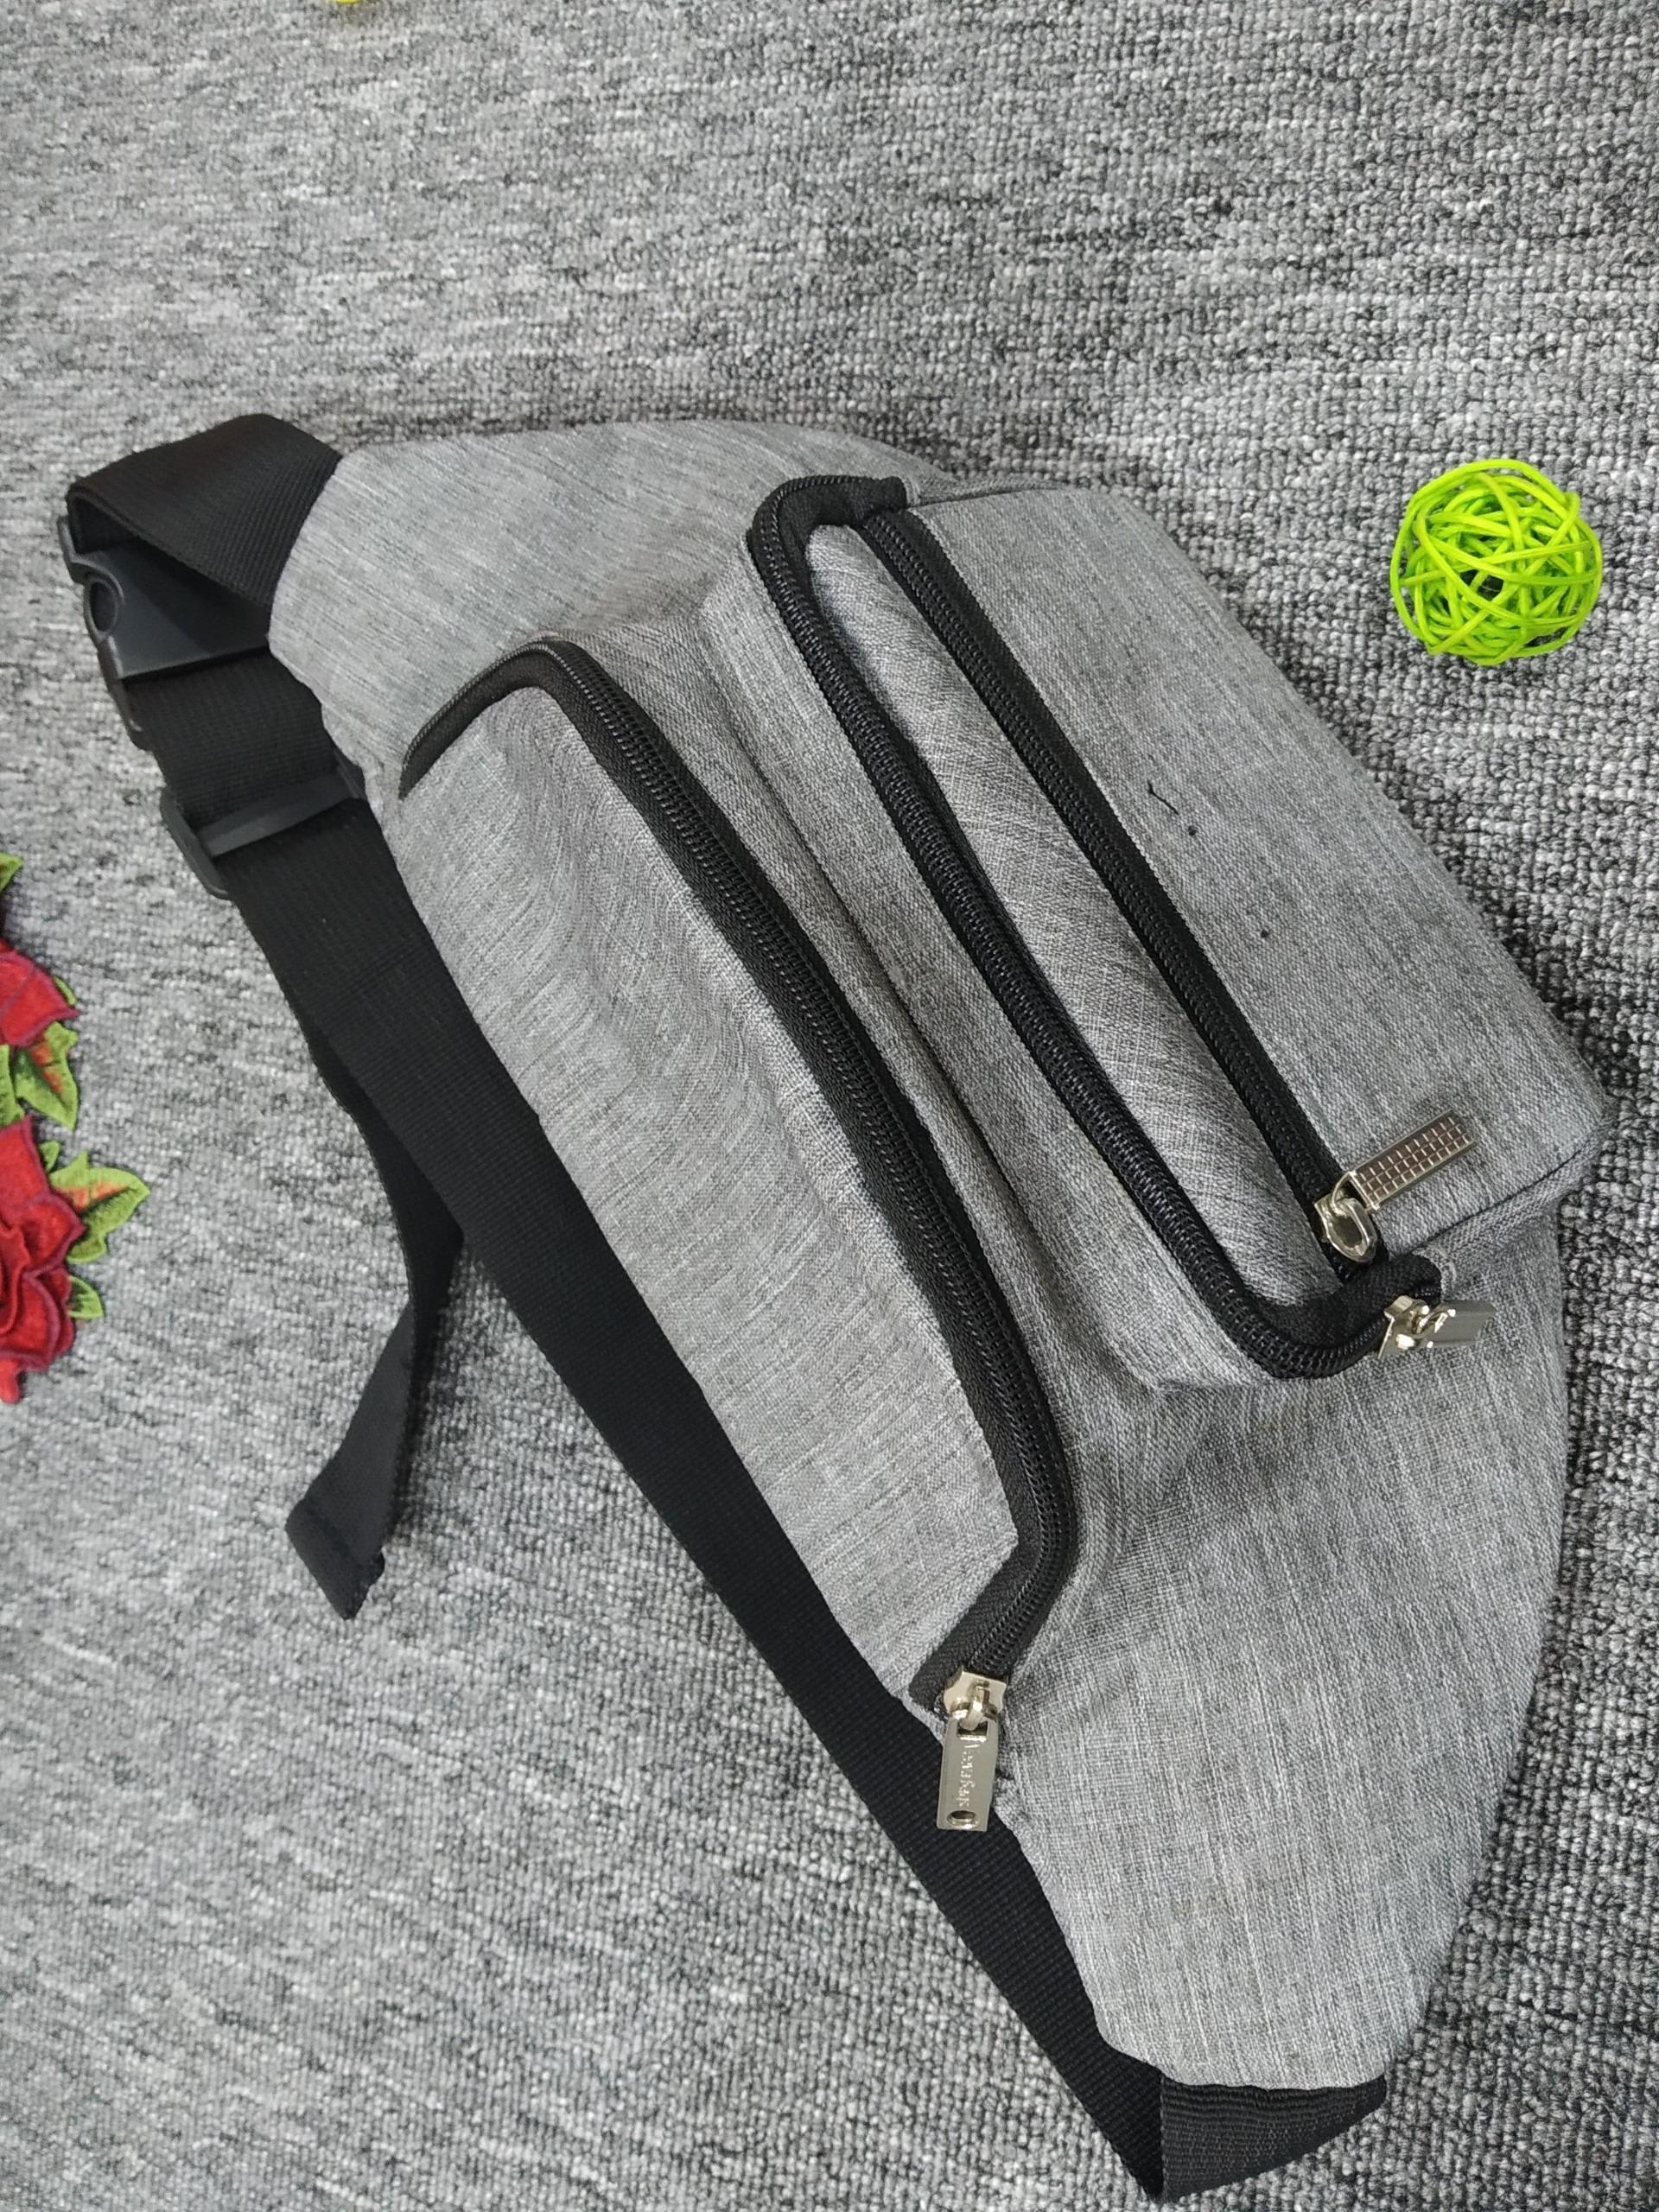 Những mẫu túi bao tử đeo chéo, túi bao tử đeo chéo nữ, túi bao tử đeo chéo nam đẹp nhất tại xưởng may balo túi xách giá rẻ tại TPHCM